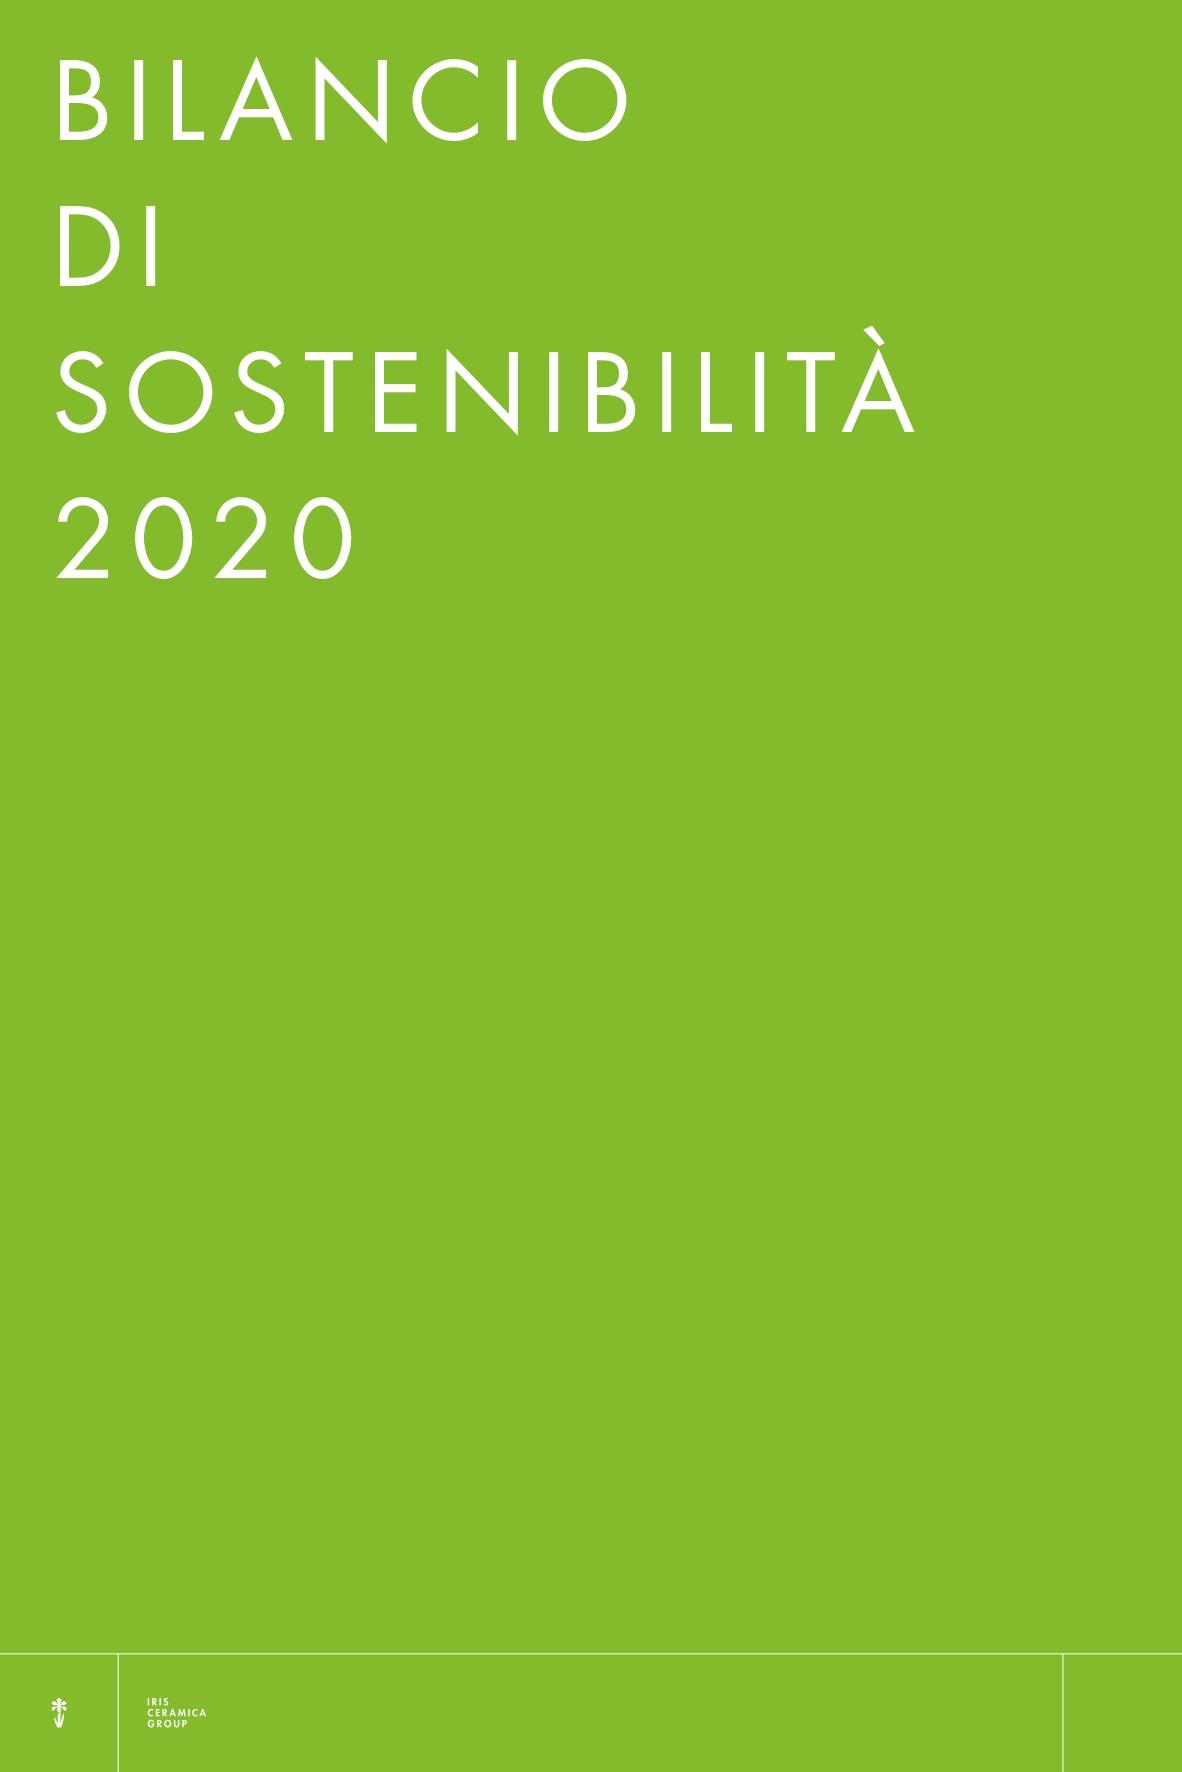 bilancio_sostenibilita_2020_IT_pages-to-jpg-0001